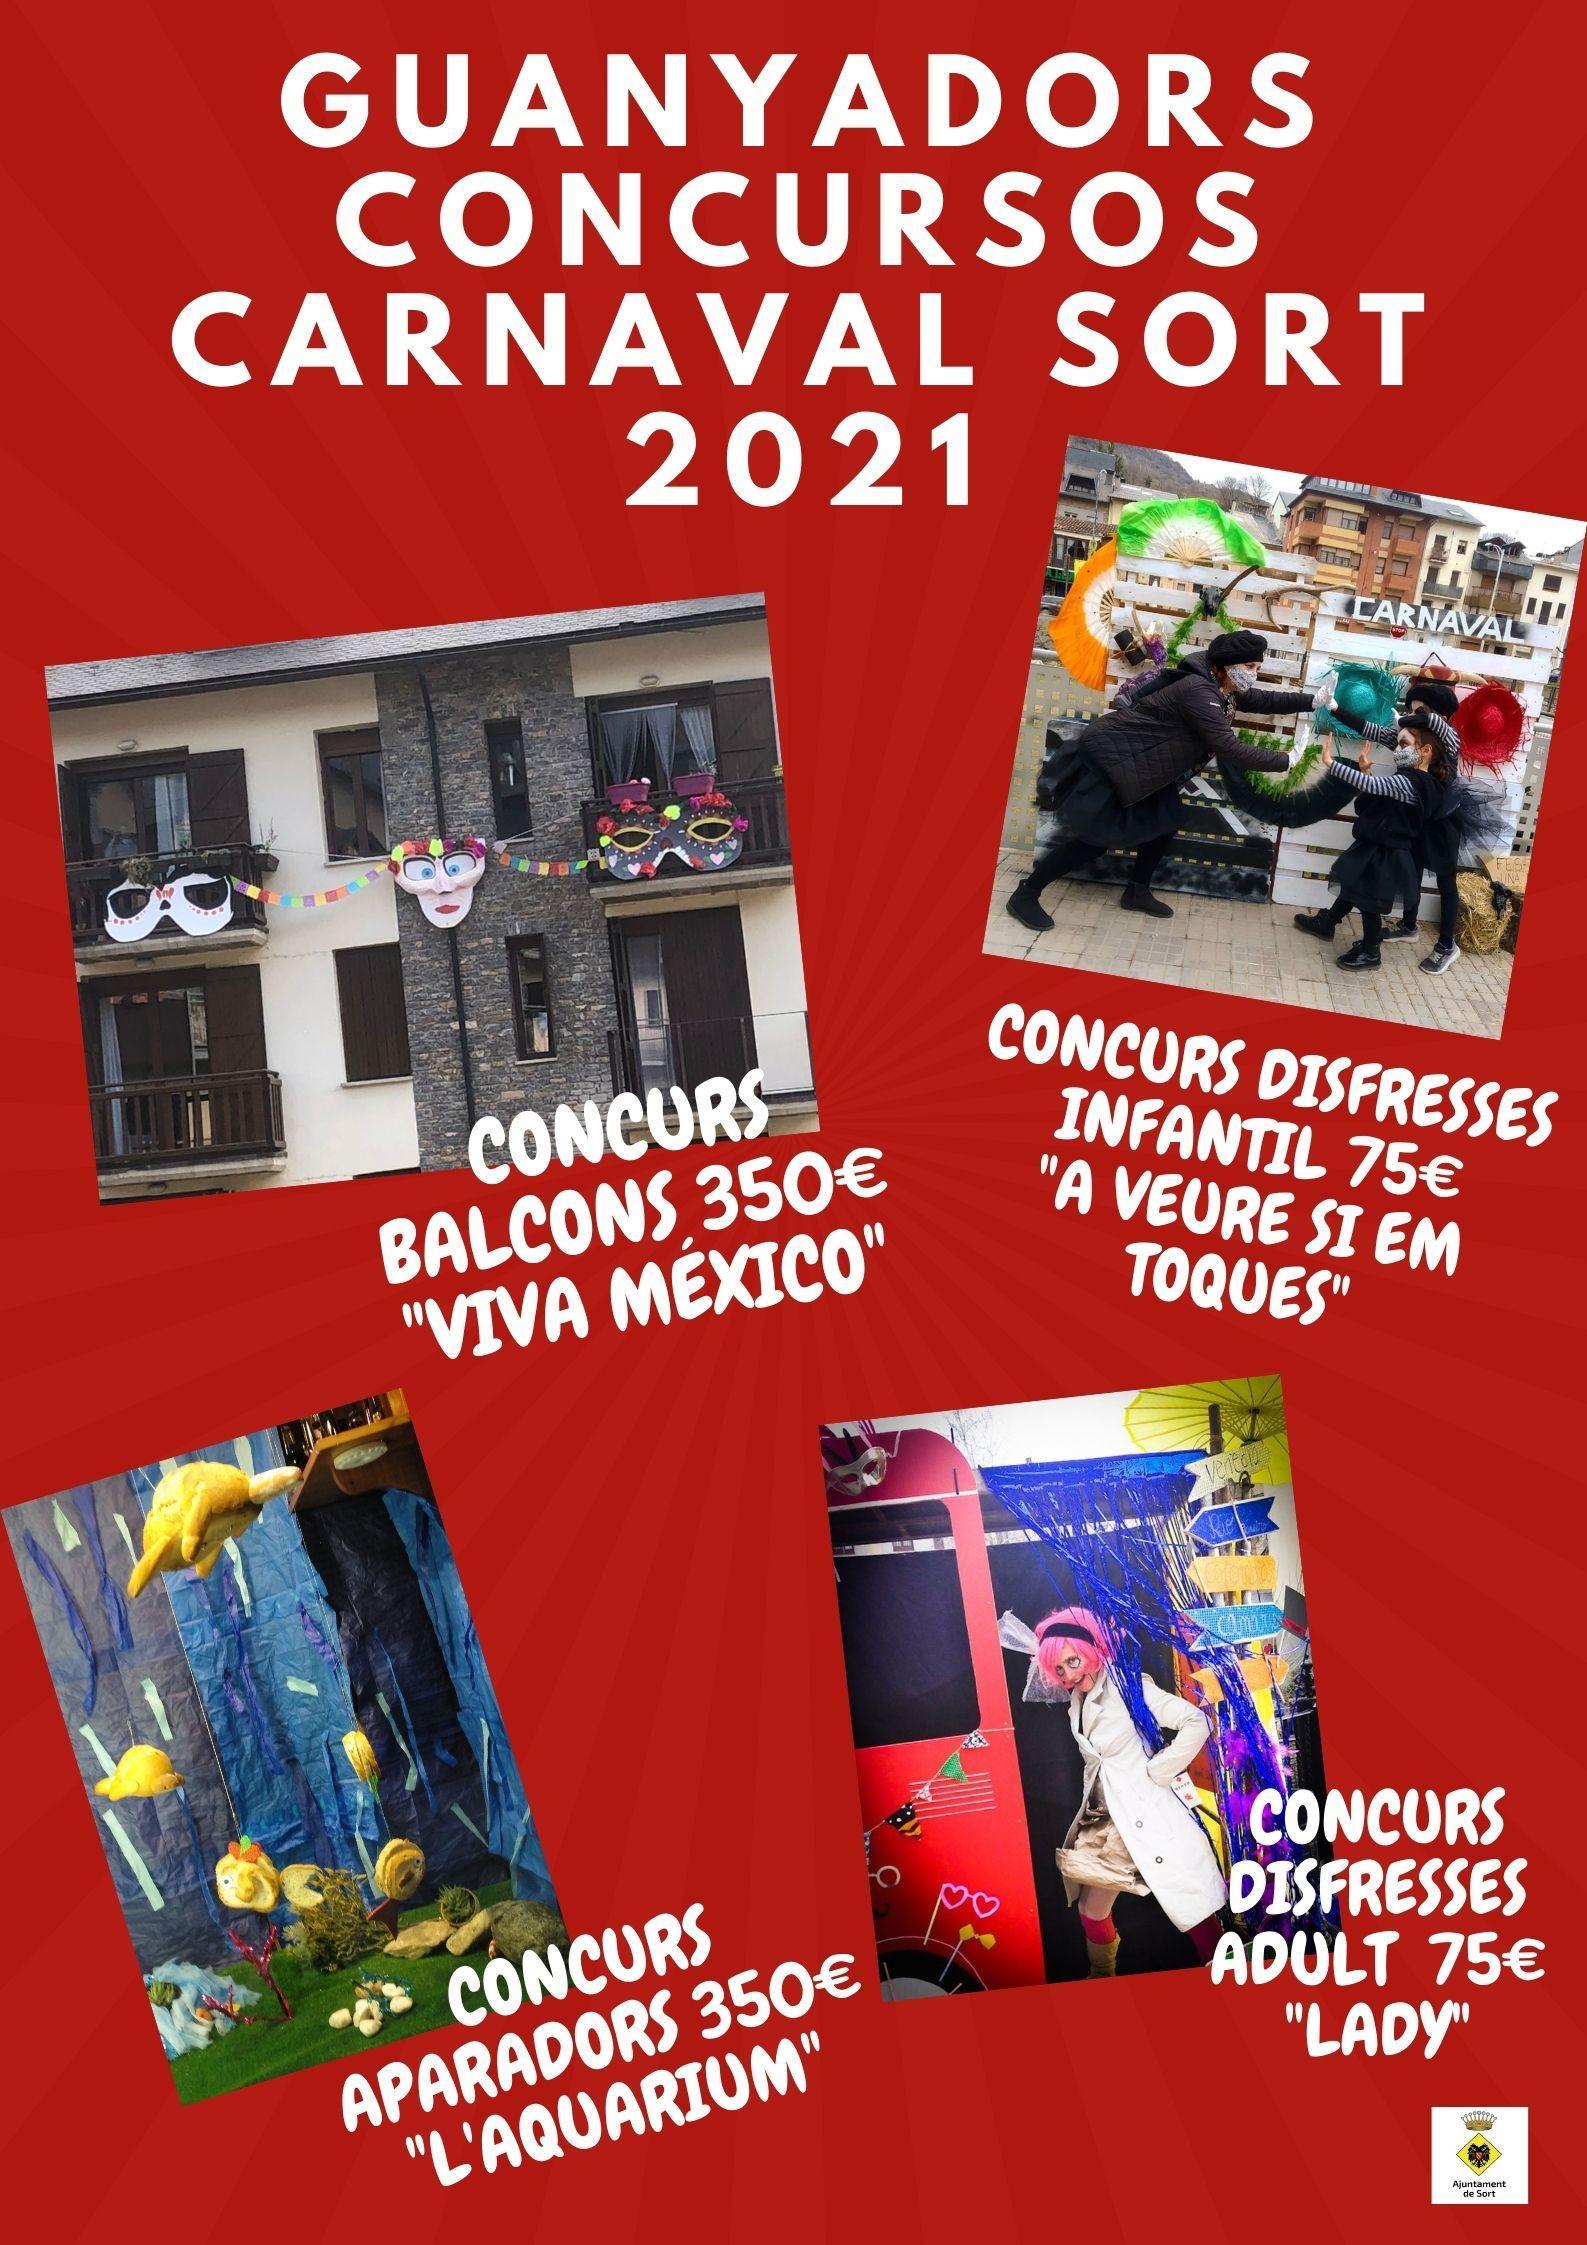 Premis concursos disfresses Sort 2021